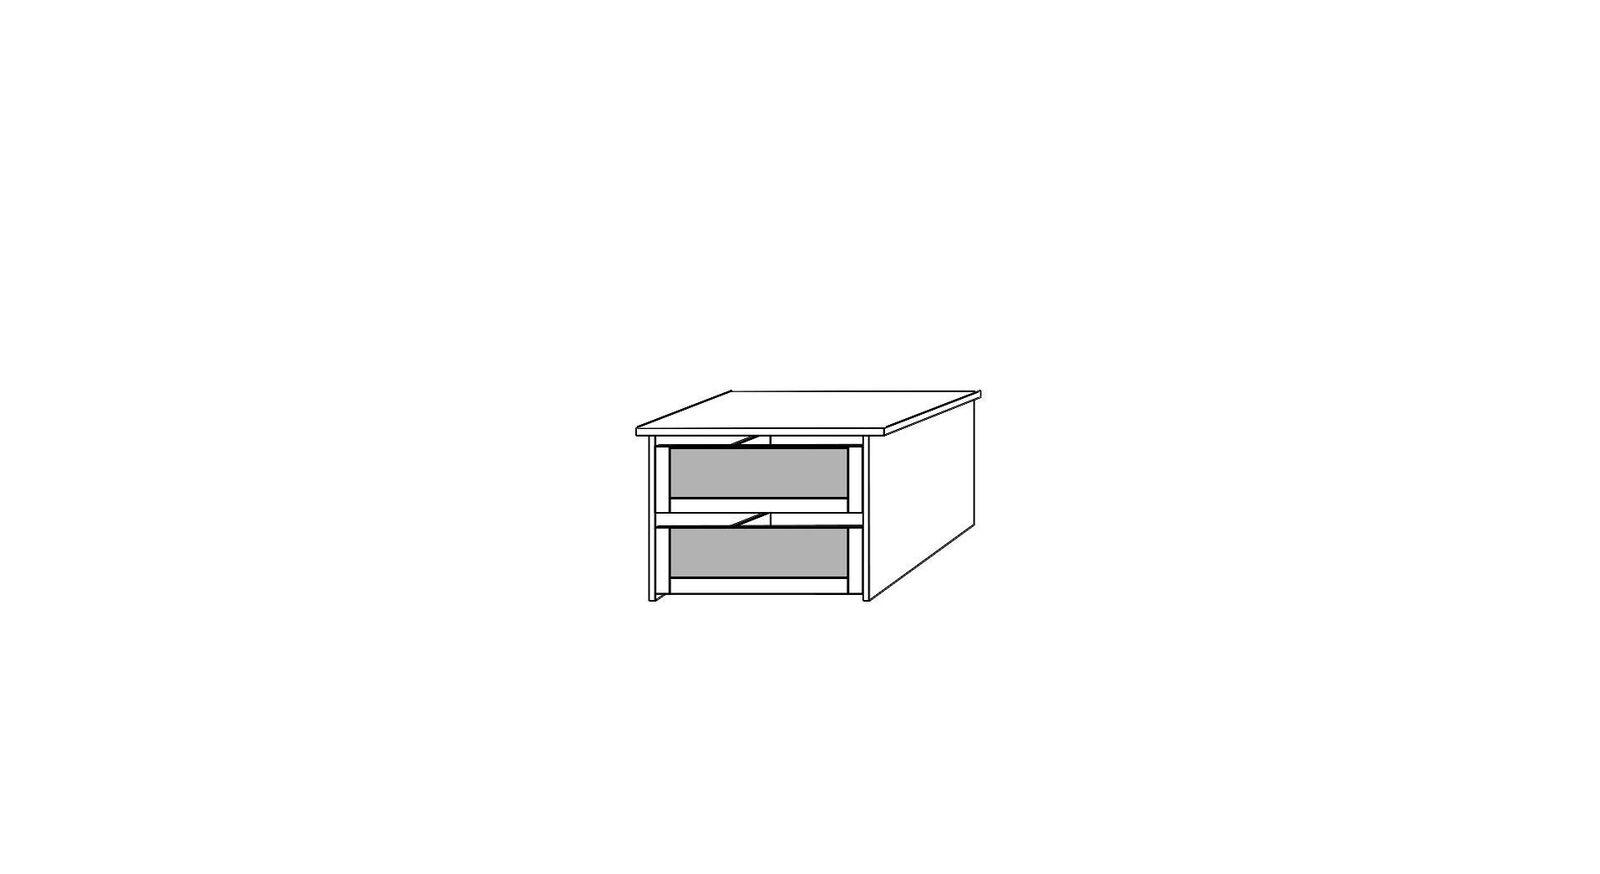 Nicht stapelbarer Schubladen-Einsatz mit Glasfront als Innenausstattung für Kleiderschränke